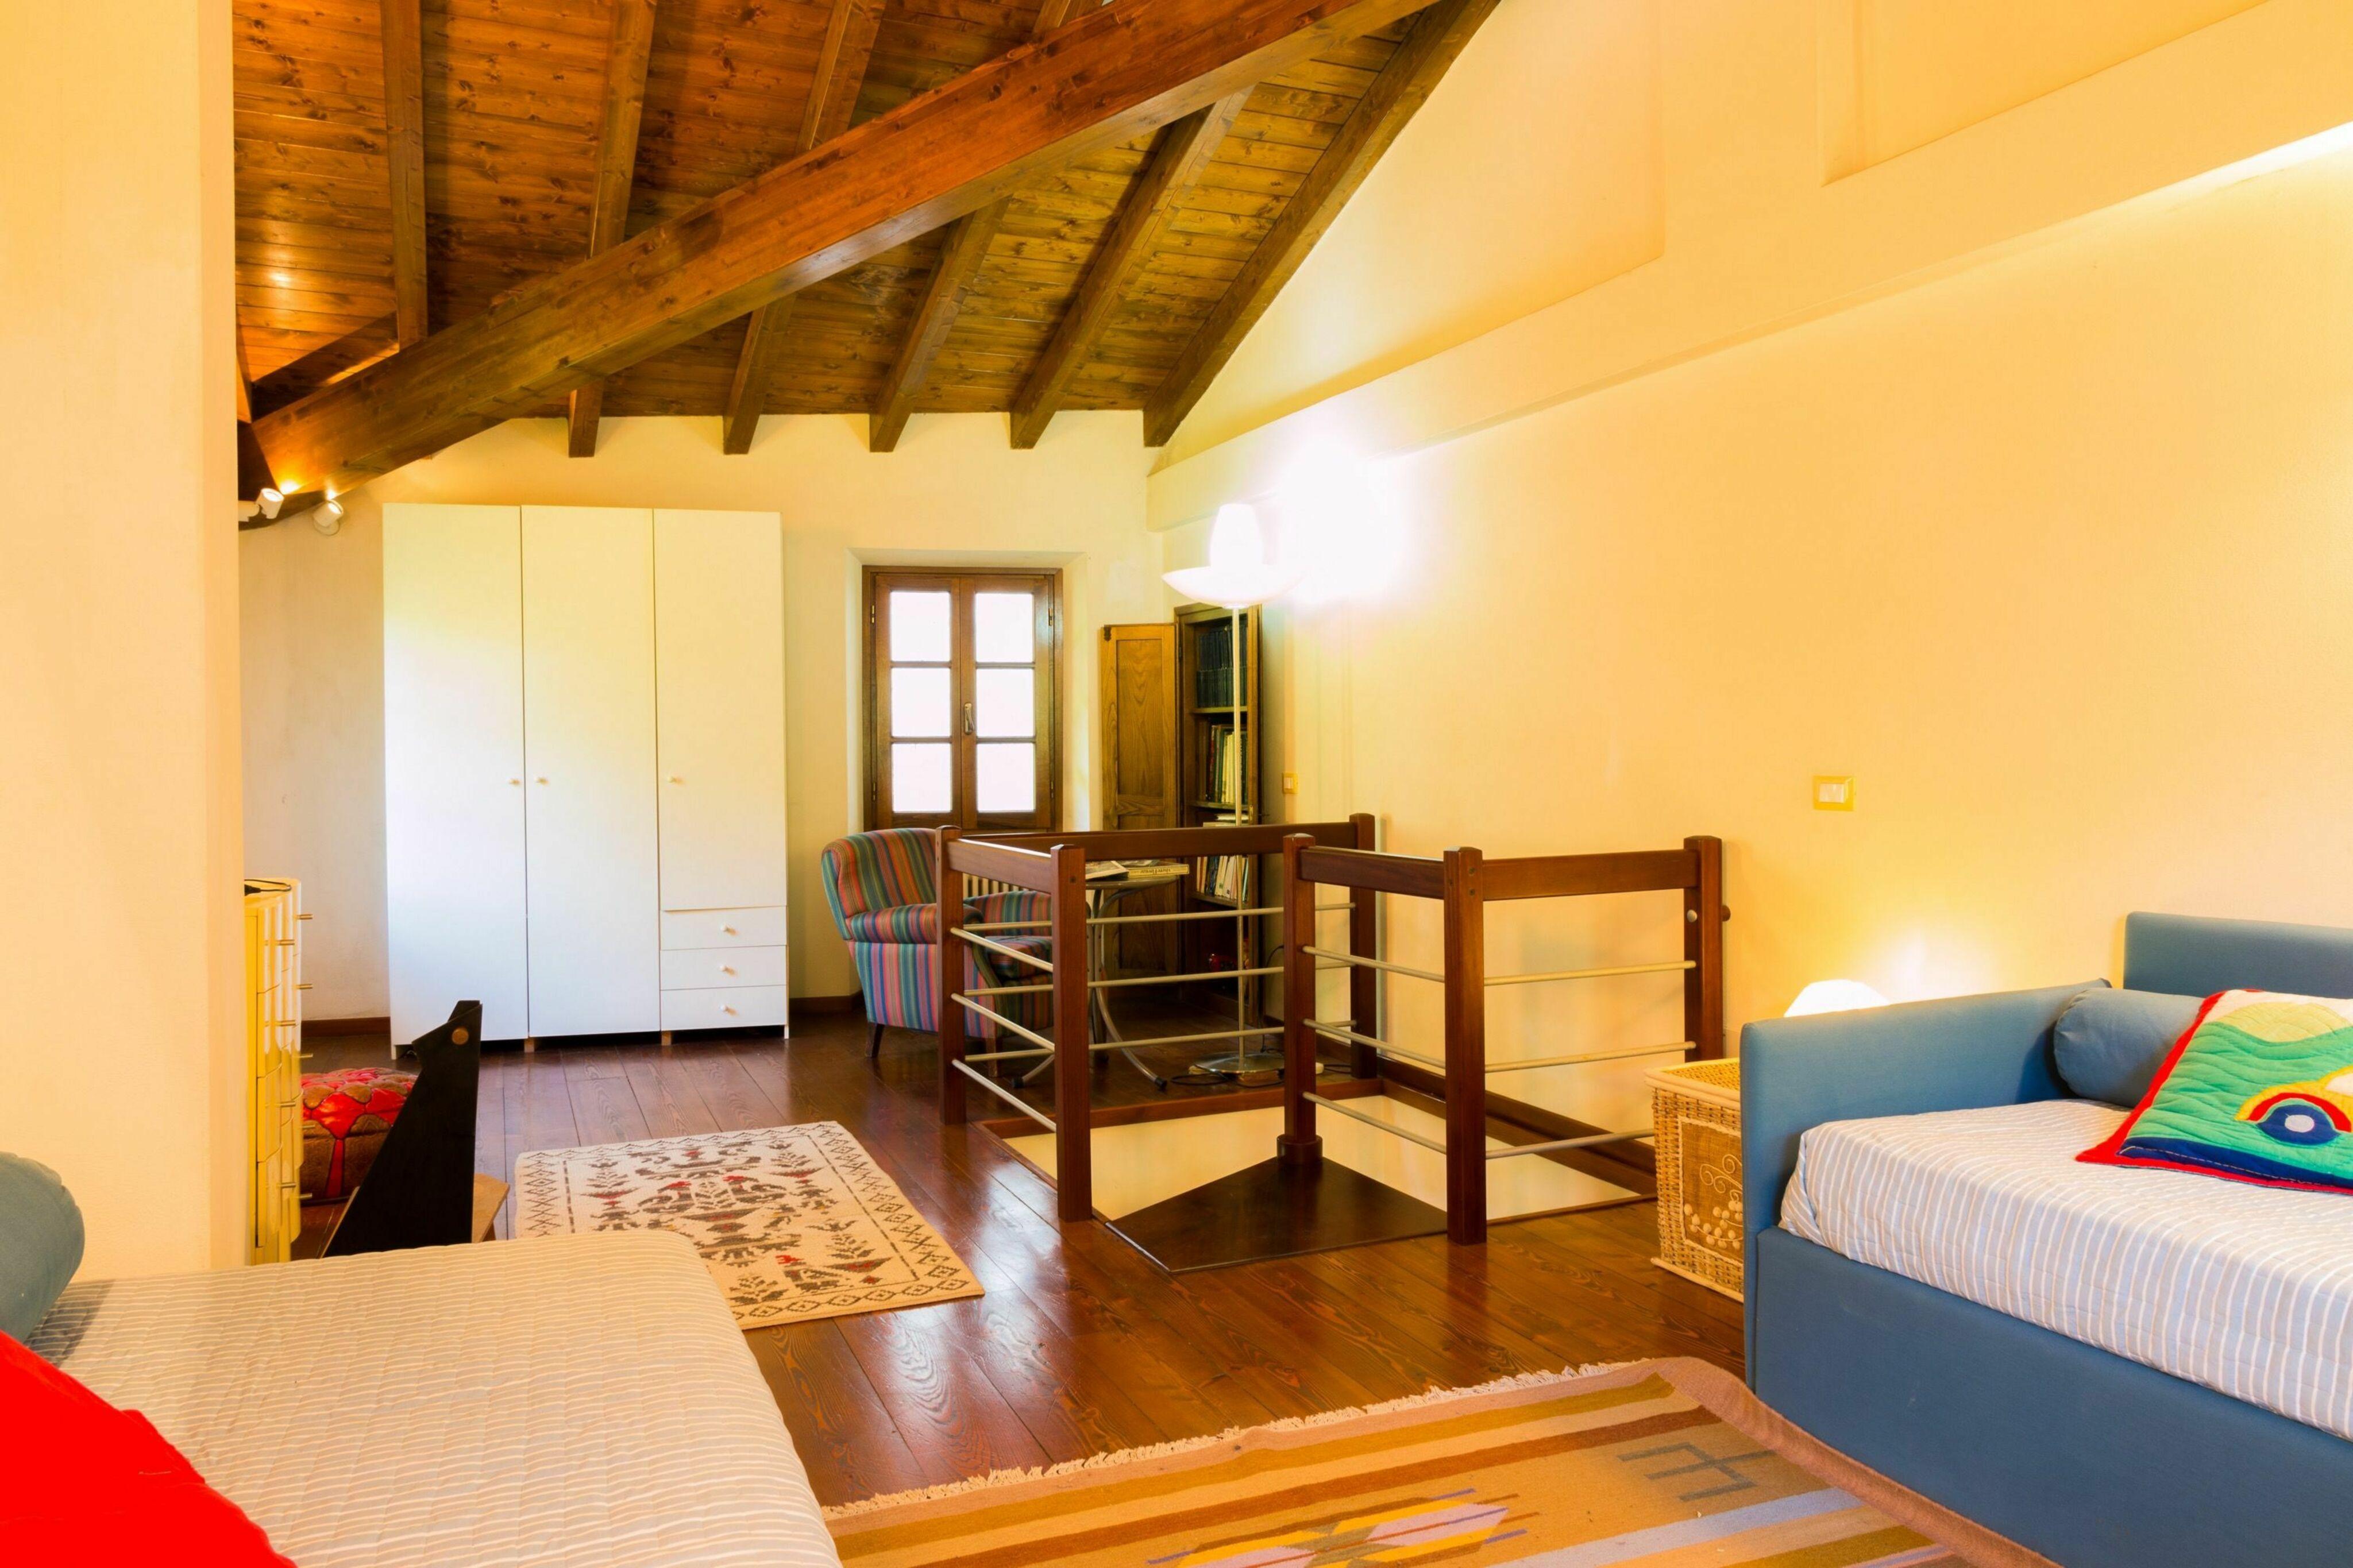 Casa Martaimage 7